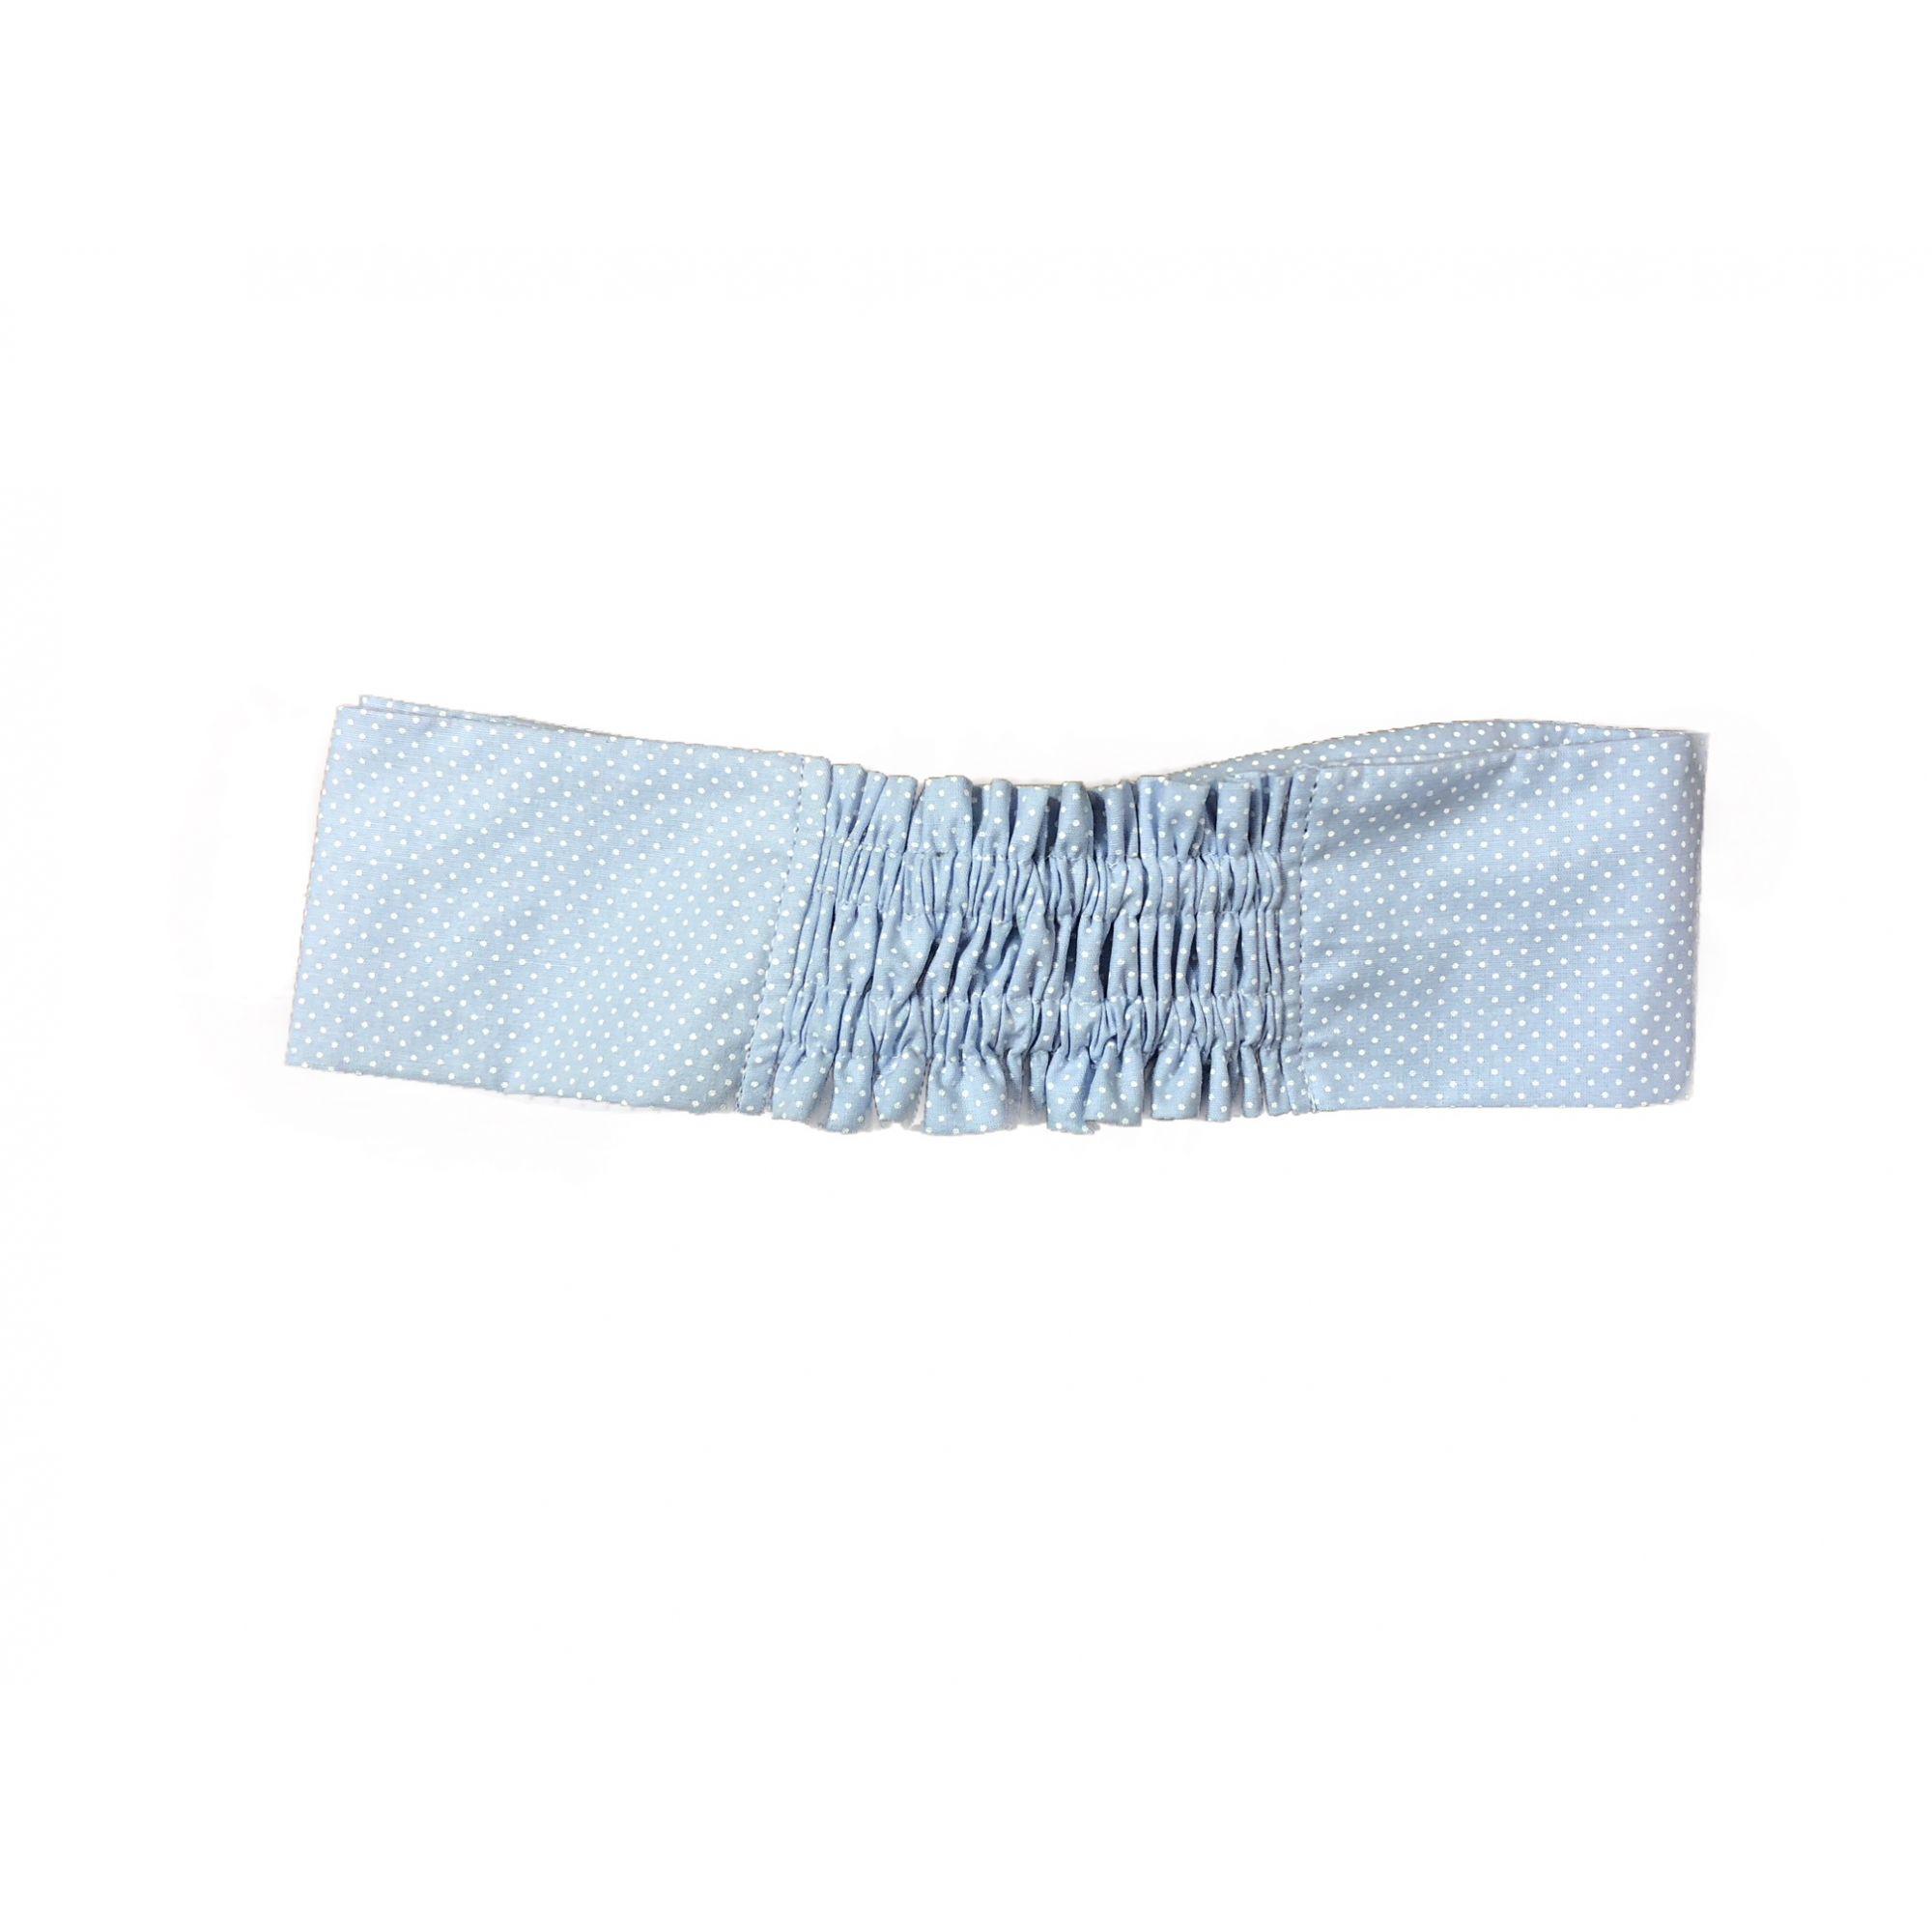 Conjunto  Dólmã Mary Feminina Acinturado BRANCA com detalhe Poá AZUL Avental AZUL e Headband Poá AZuL Sarja Leve 100% algodão  com  botões AZUL